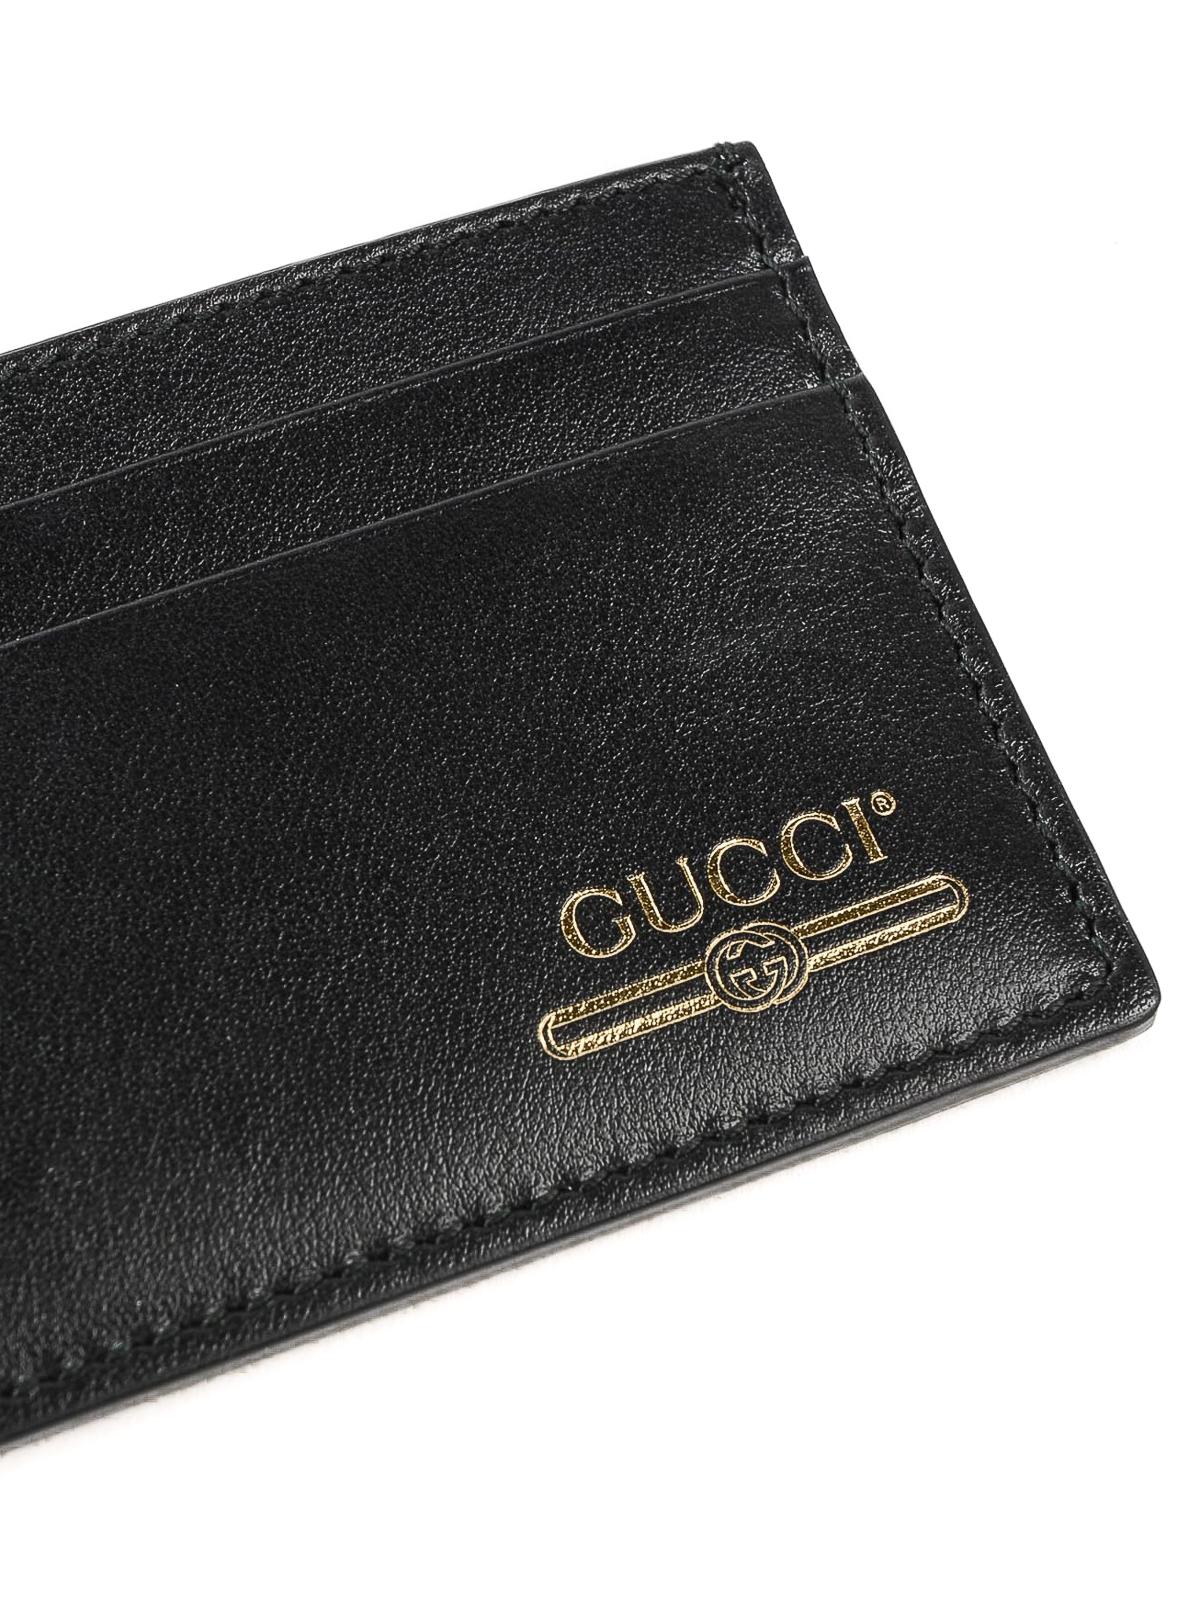 698d24aca01 iKRIX GUCCI  wallets   purses - Gucci vintage logo print card case